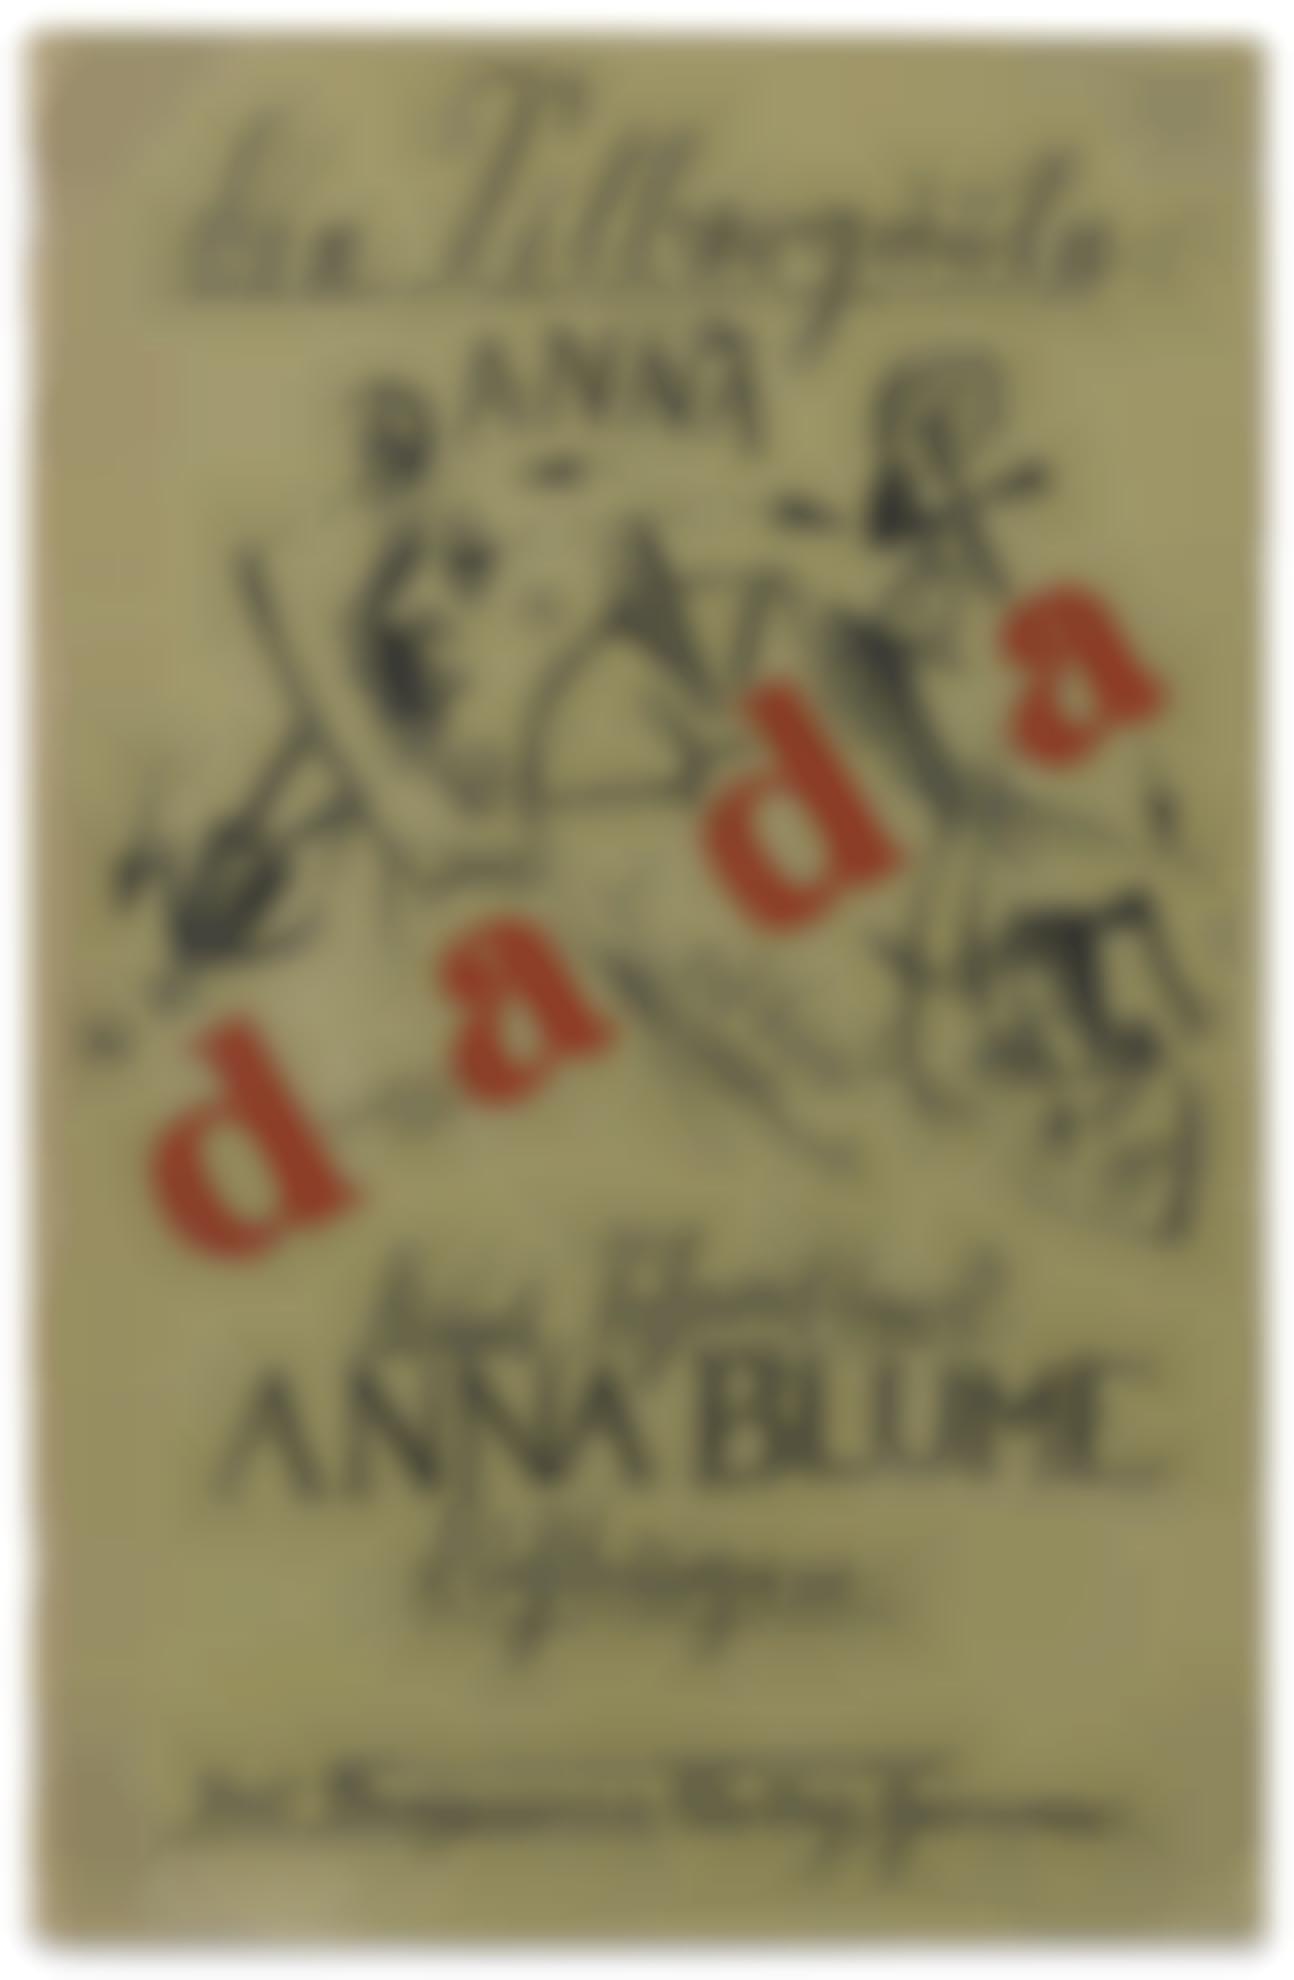 Kurt Schwitters-Ohne Titel (Entwurf Fur Titel Zu: Kurt Schwitters, Anna Blume. Dichtungen, Die Silbergaule 39/40, Paul Steegemann Verlag, Hannover 1920) (Untitled (Draft Of Title Page For Kurt Schwitters, Anna Blume. Dichtungen, Die Silbergaule 39/40, Paul Steegemann Verlag, Hanover 1920))-1919